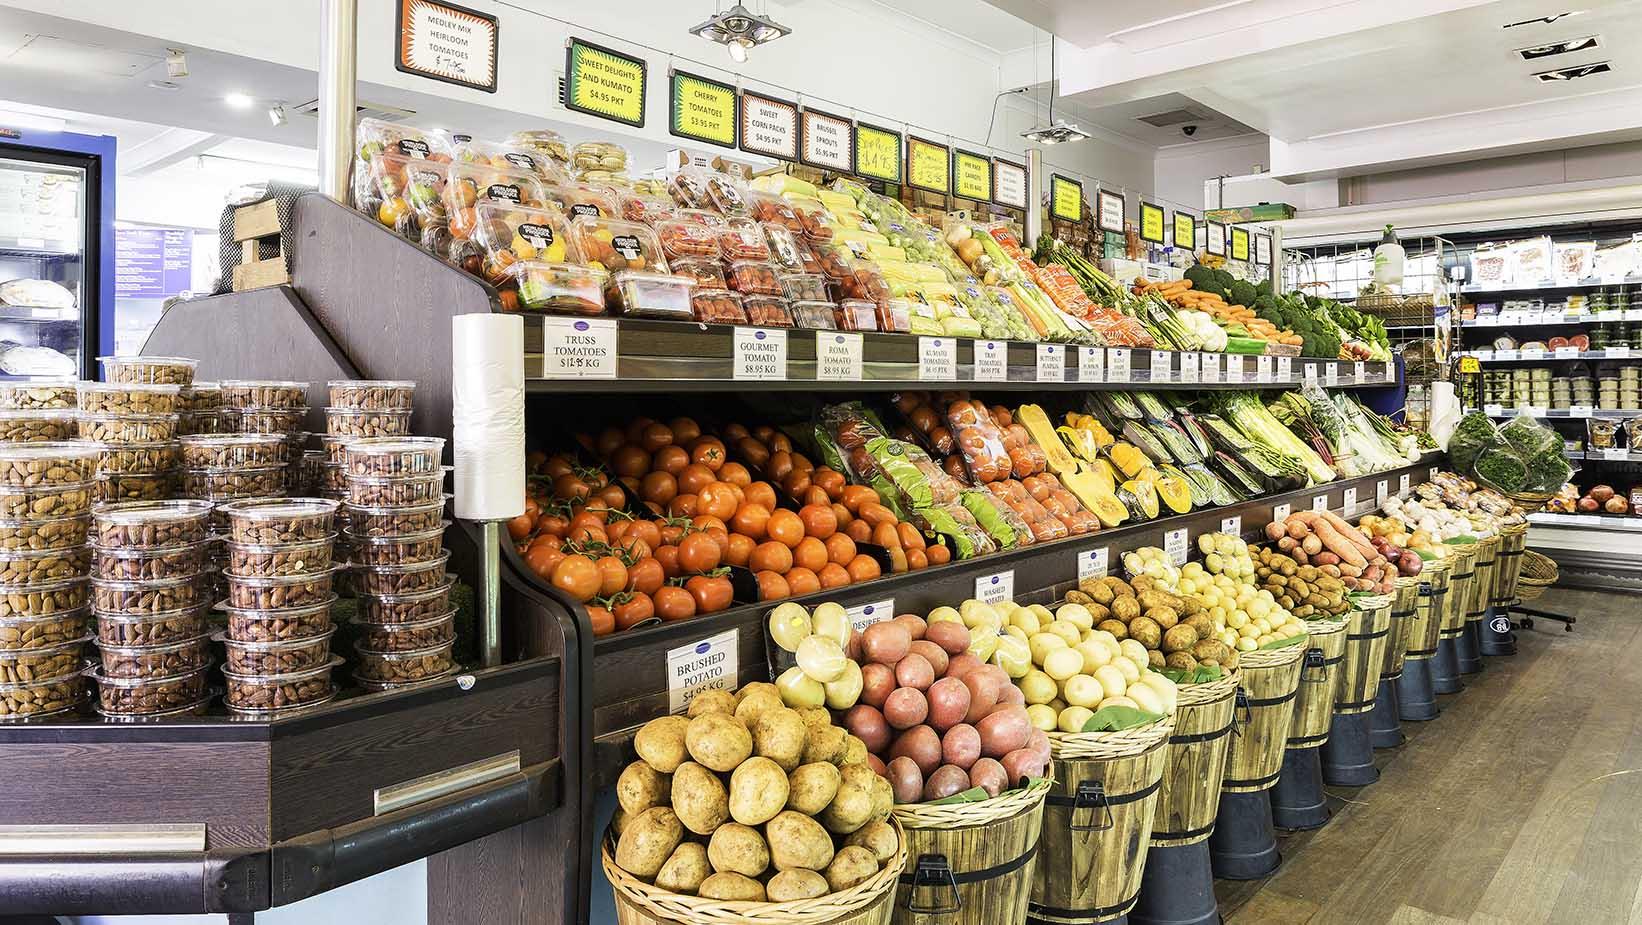 Fruit and Vegetable market - Paddington